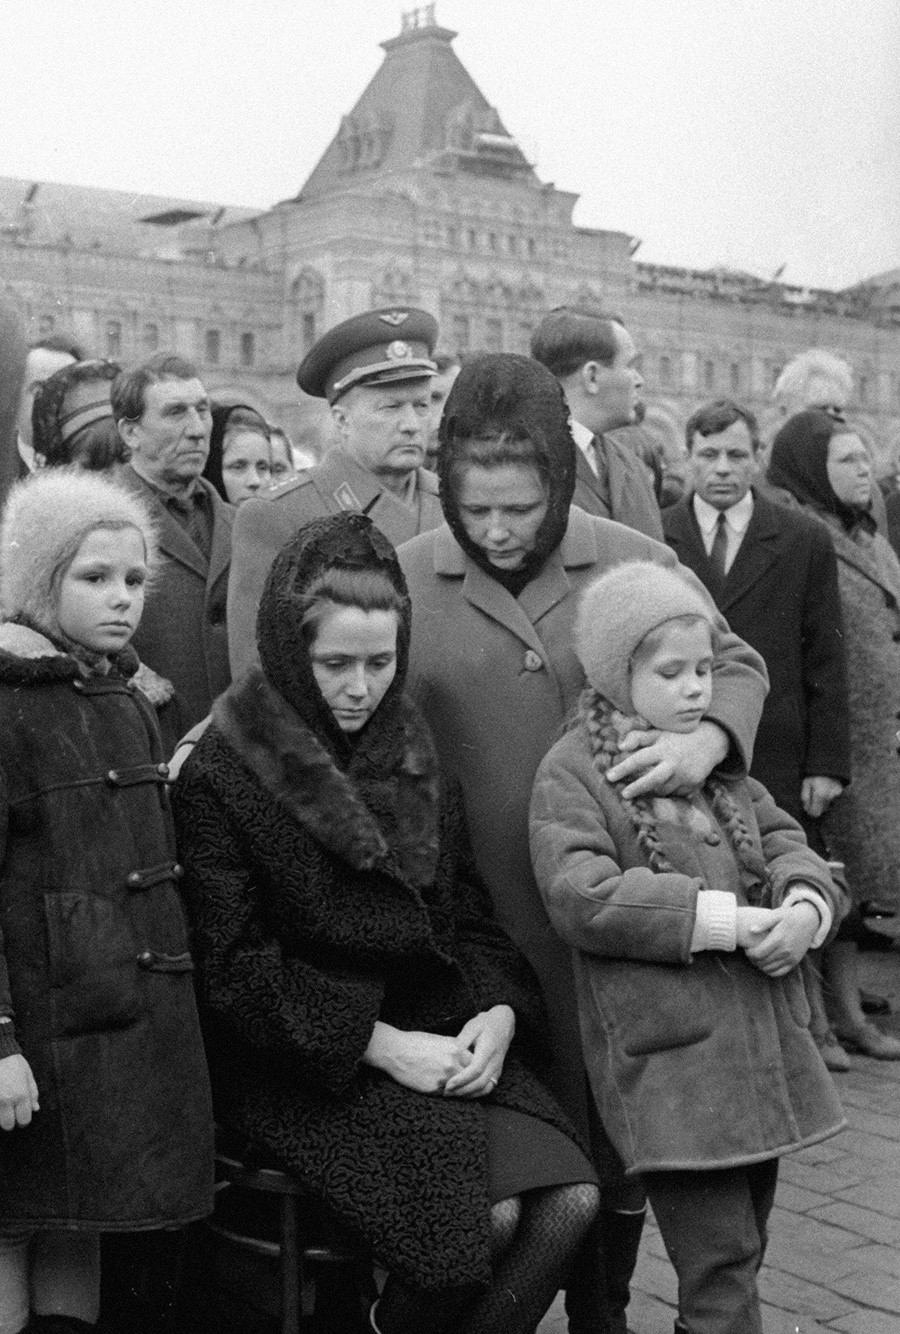 Valentina s kćerima na sahrani Jurija Gagarina i Vladimira Serjogina na Crvenom trgu.